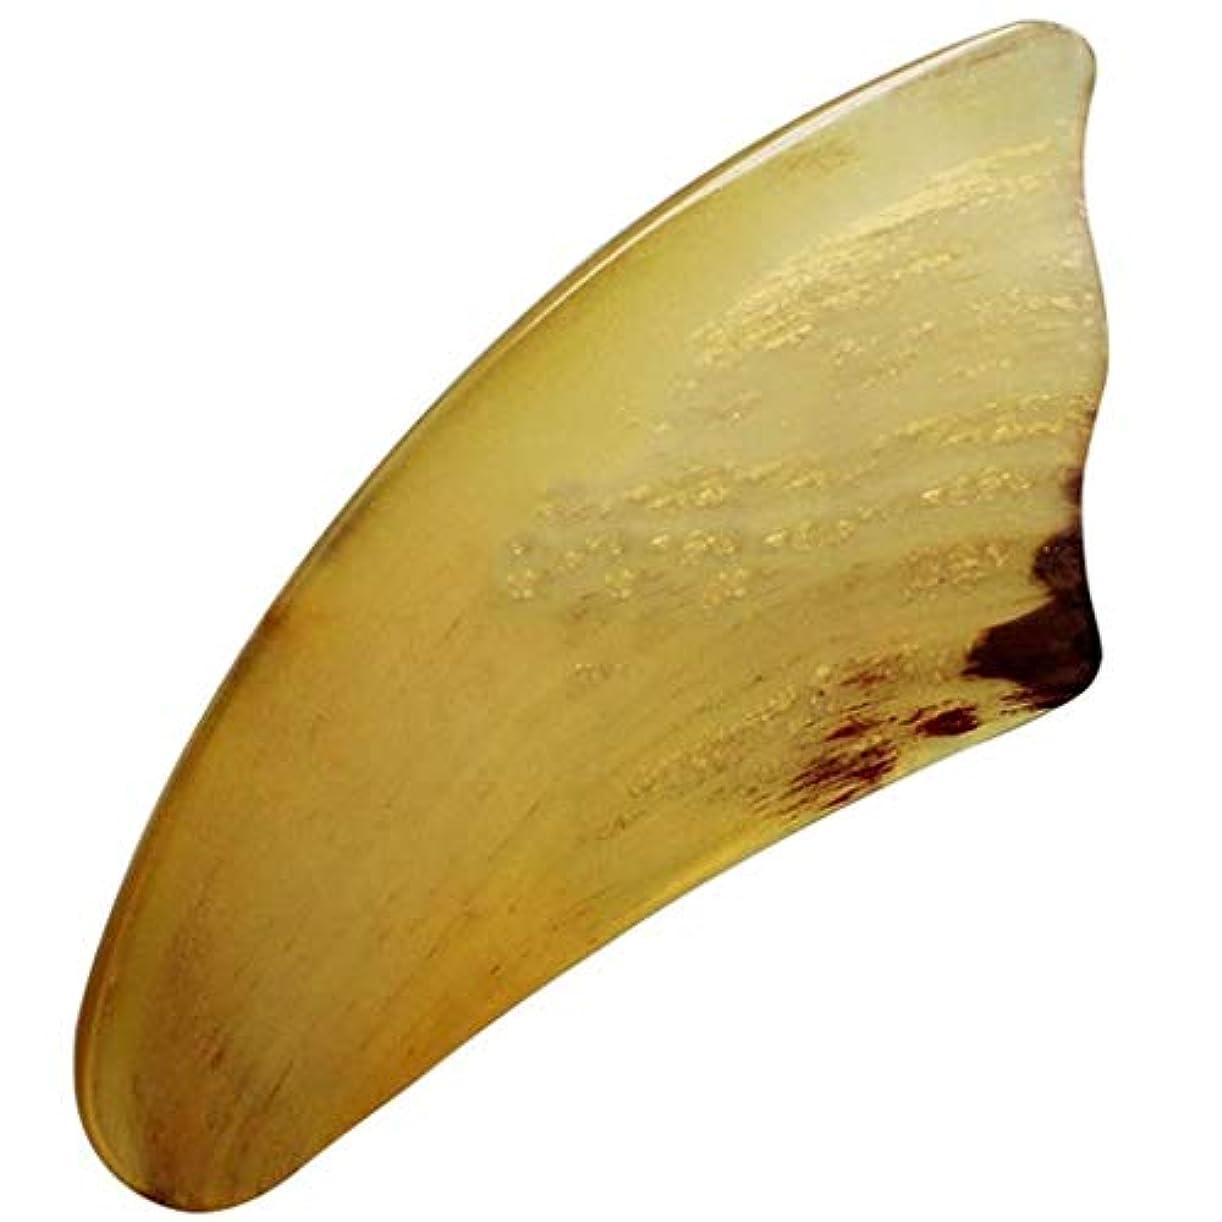 水分エスニック粗いIASTMグラストン理学療法ツール-最高品質のハンドメイドバッファローホーングアシャボード-首と筋肉の痛みを軽減